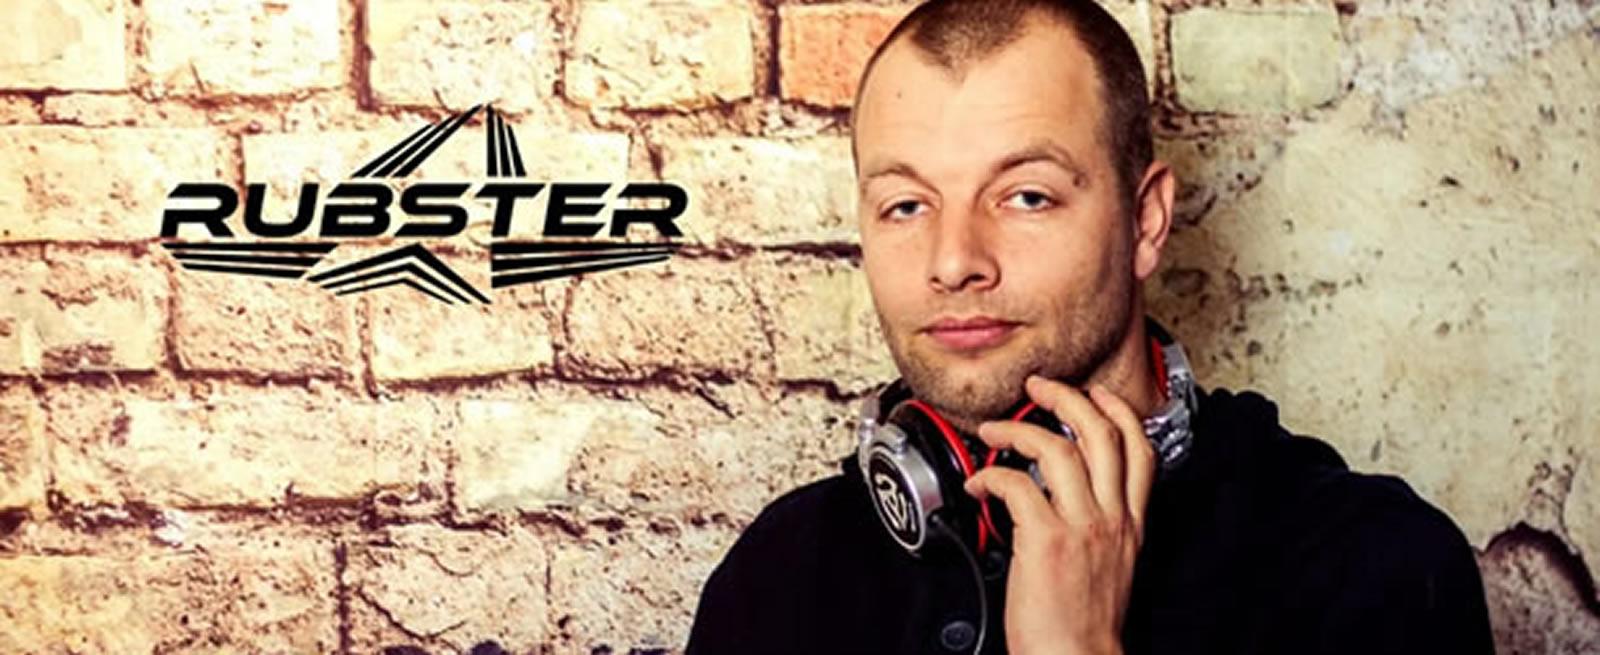 Rubster (NL)